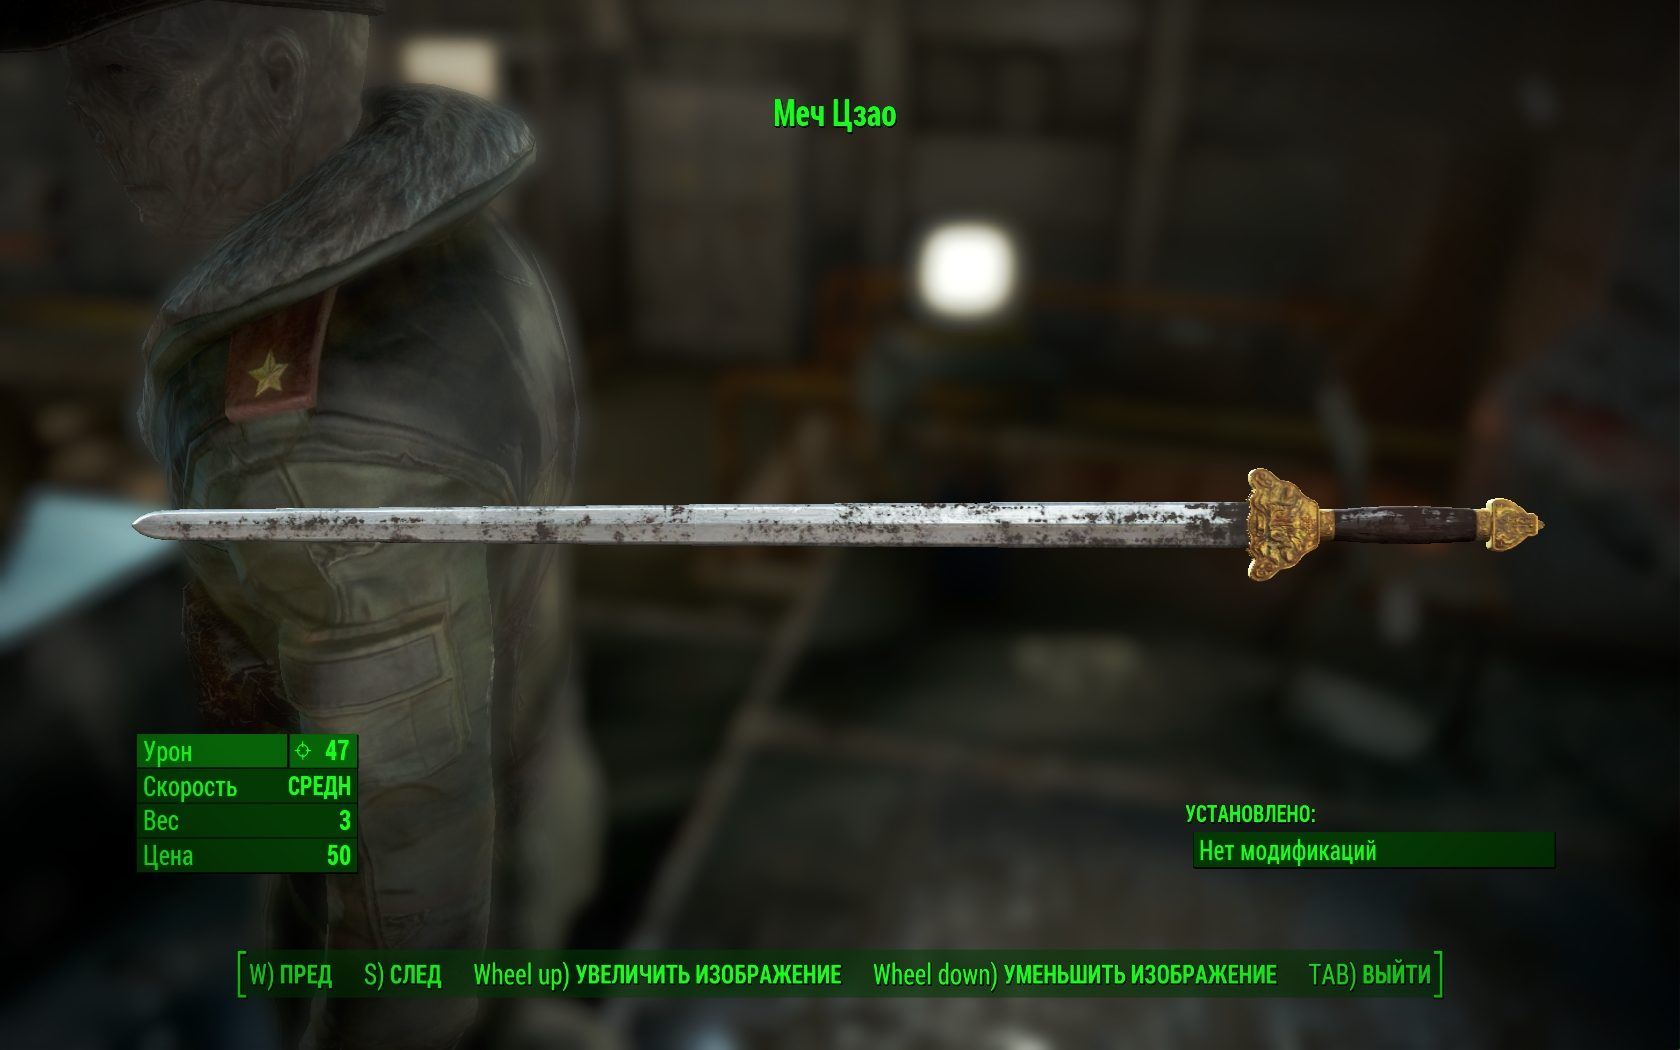 капитан - Fallout 4 Здесь могут водиться монстры, Капитан Цзао, Меч Цзао, Оружие, подлодка, подлодка Янцзы, Цзао, Янцзы